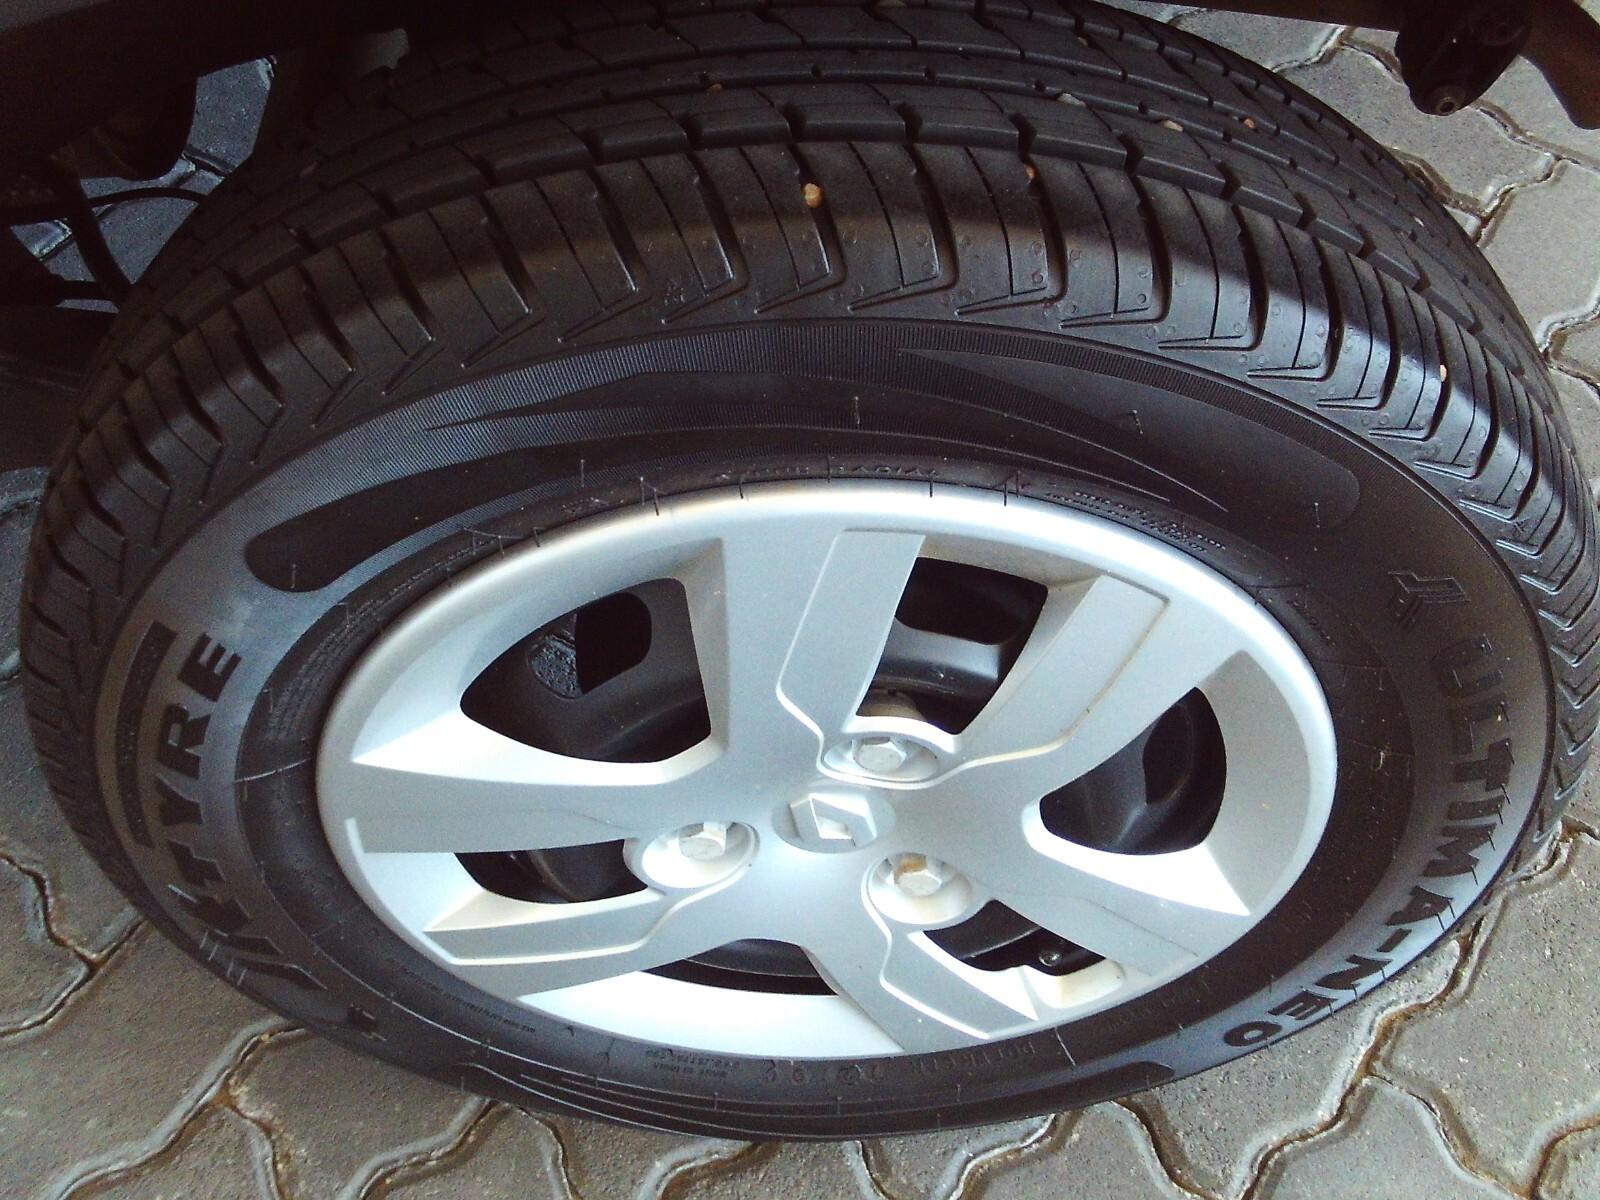 RENAULT 1.0 DYNAMIQUE 5DR Pretoria 16330012